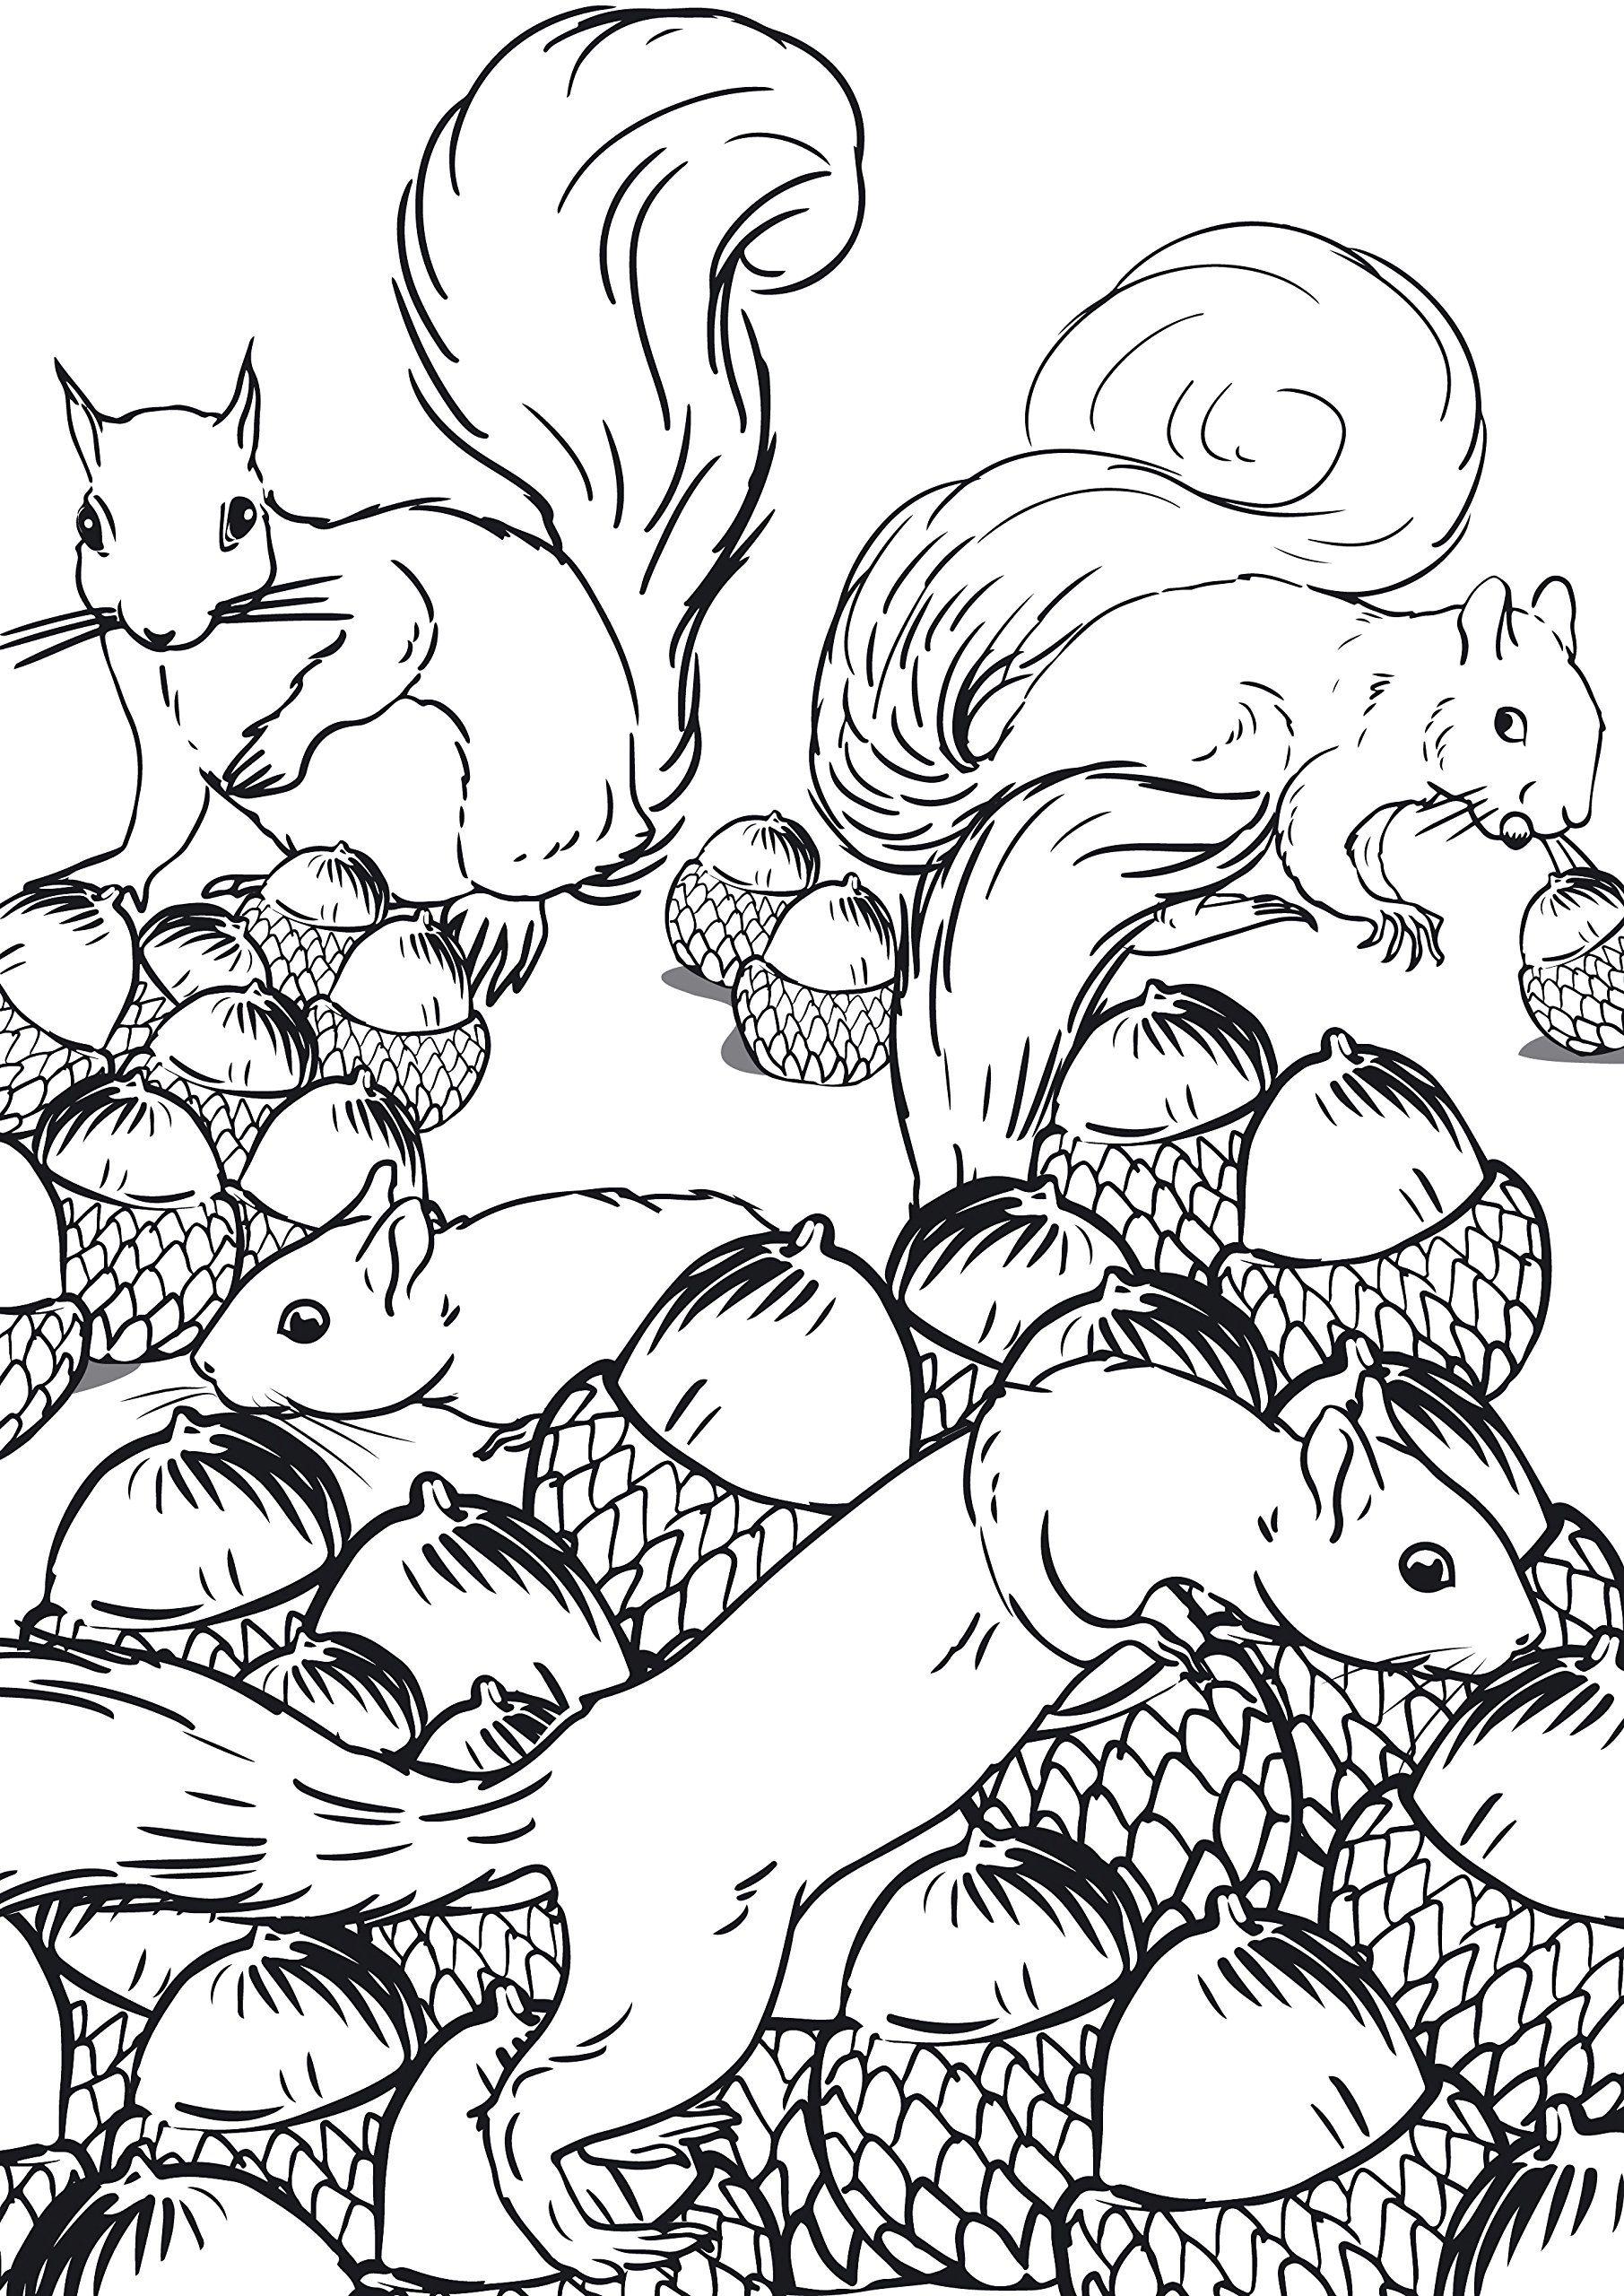 Petites Betes Et Grosses Bestioles 100 Coloriages Creatifs Amazon De Marthe Mulkey Fremdsprachige Bucher Colouring Pages Zentangle Drawings Coloring Pages